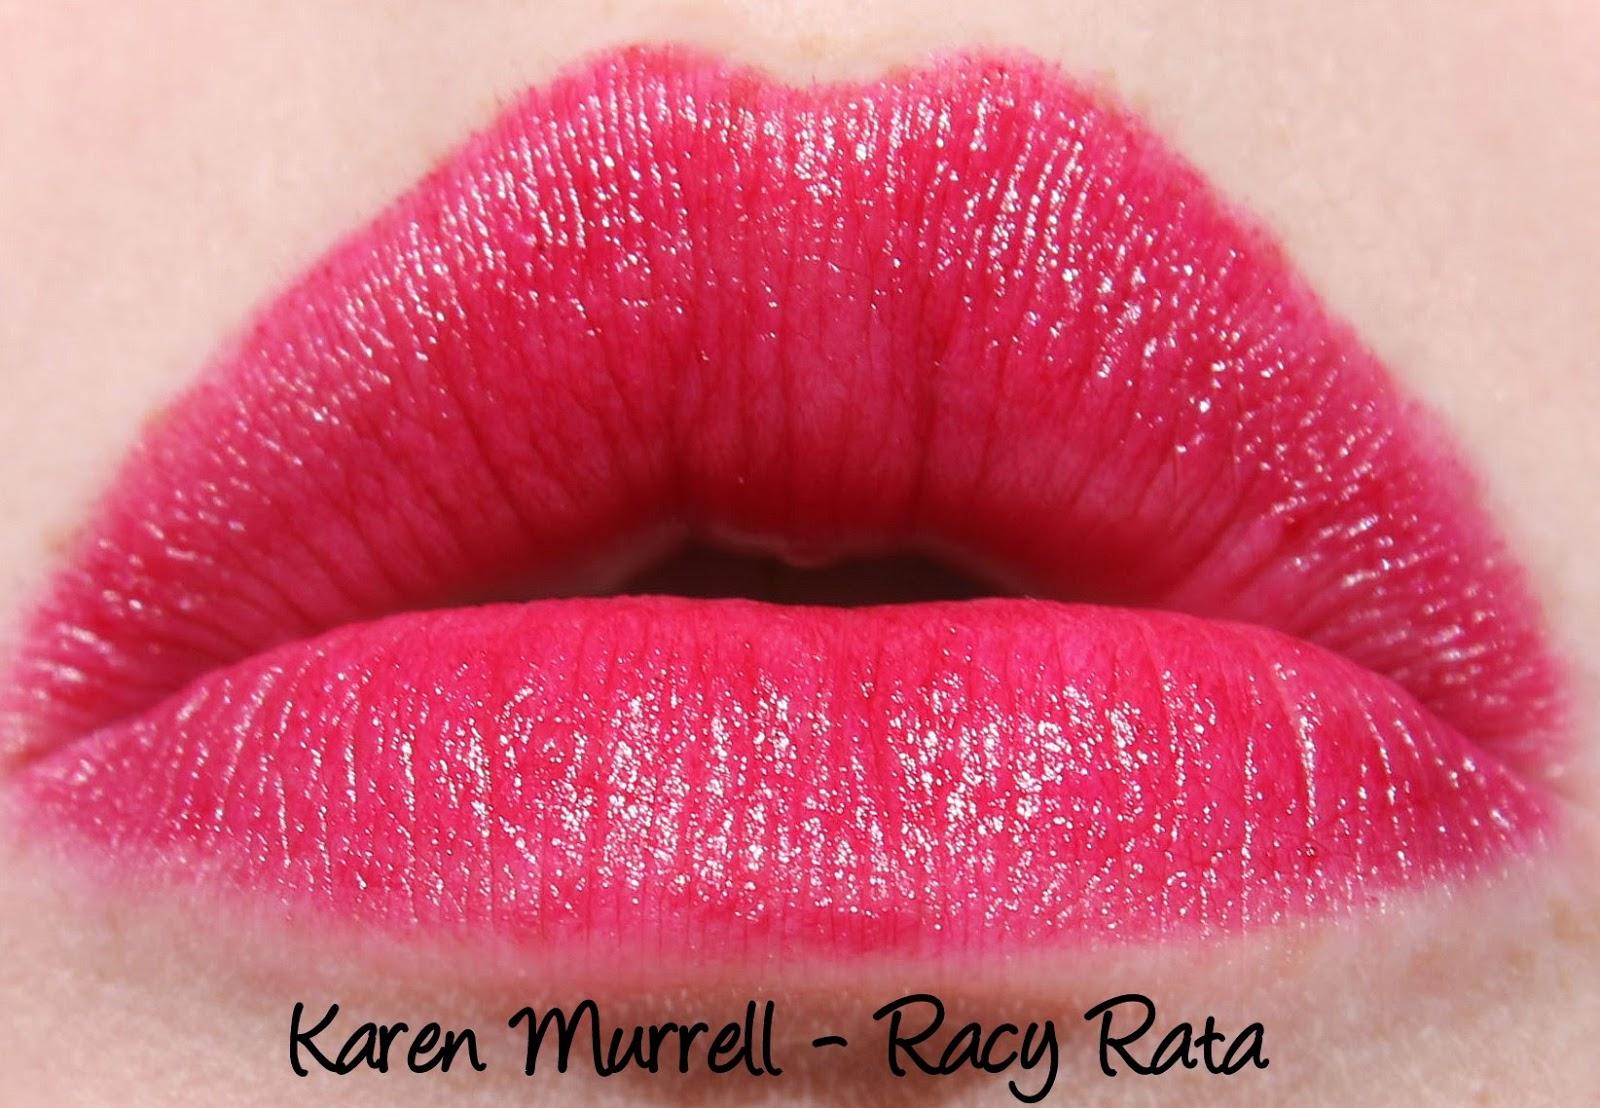 Karen Murrell Racy Rata Lipstick Swatches & Review